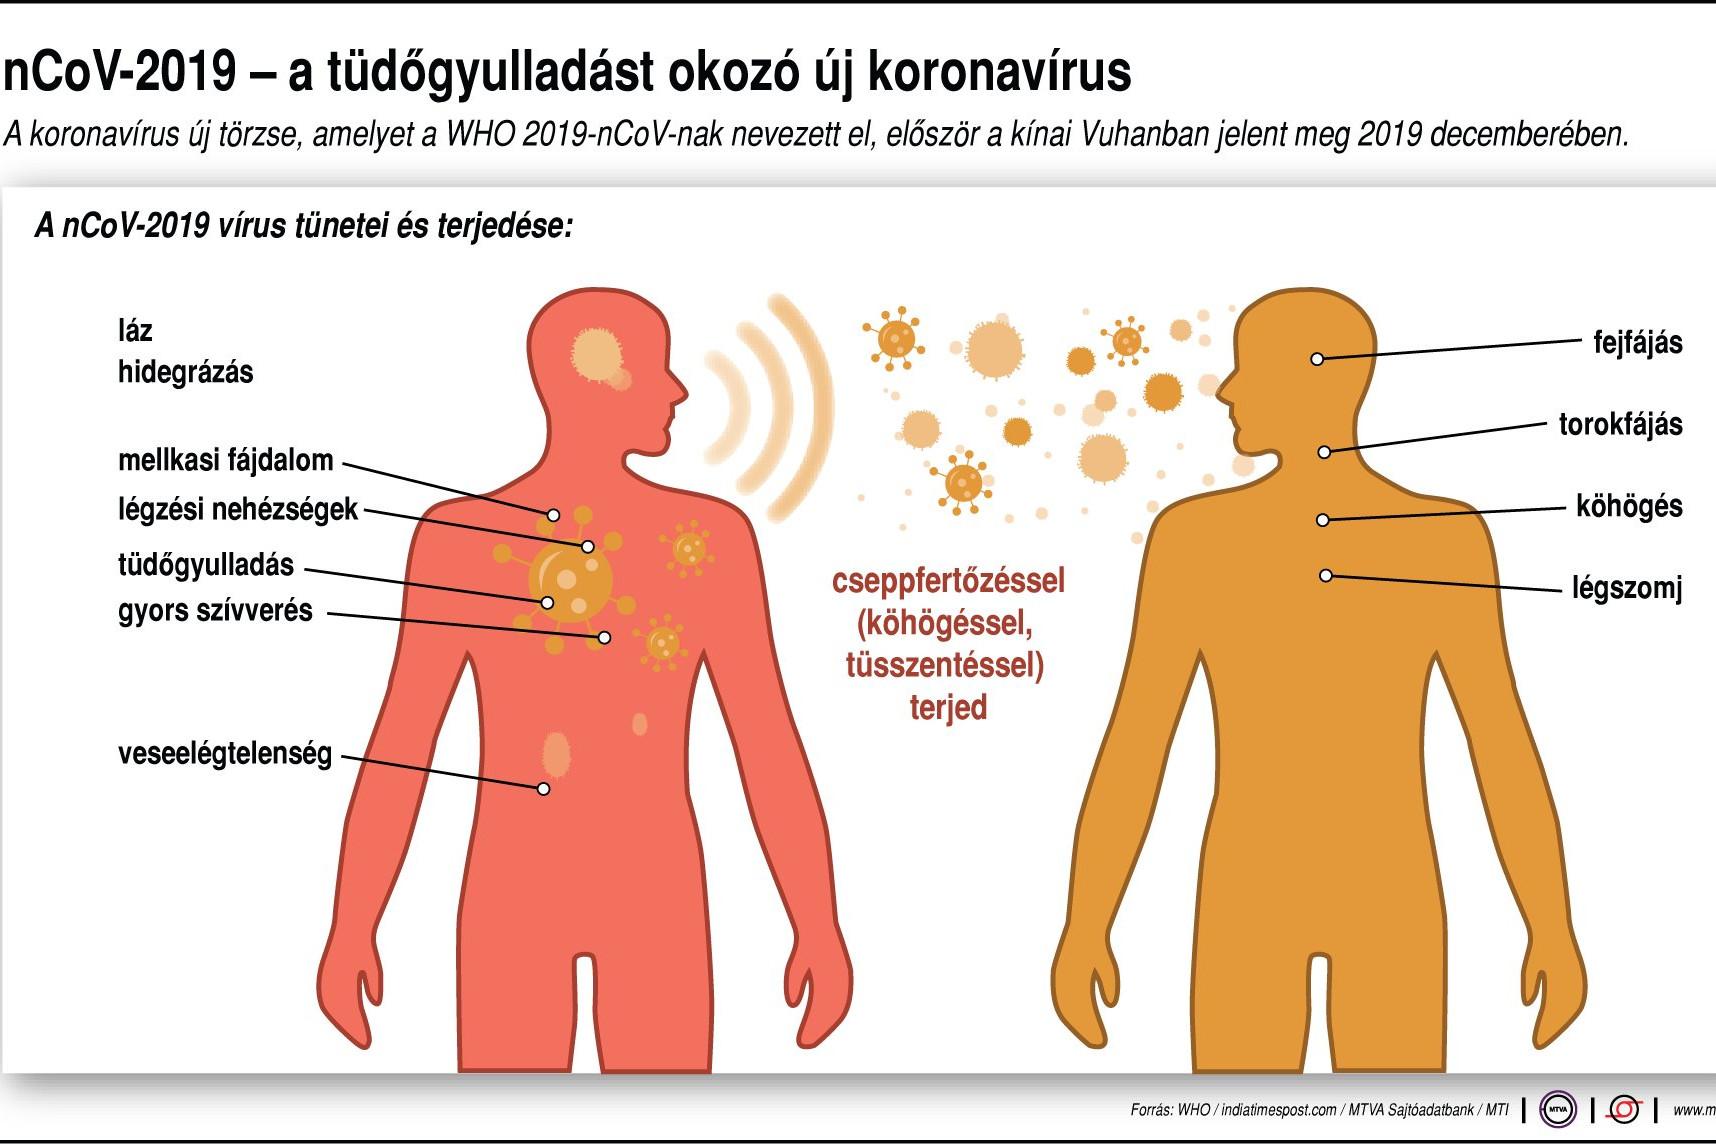 Teniasis jelei és tünetei - Helmint életciklus cdc